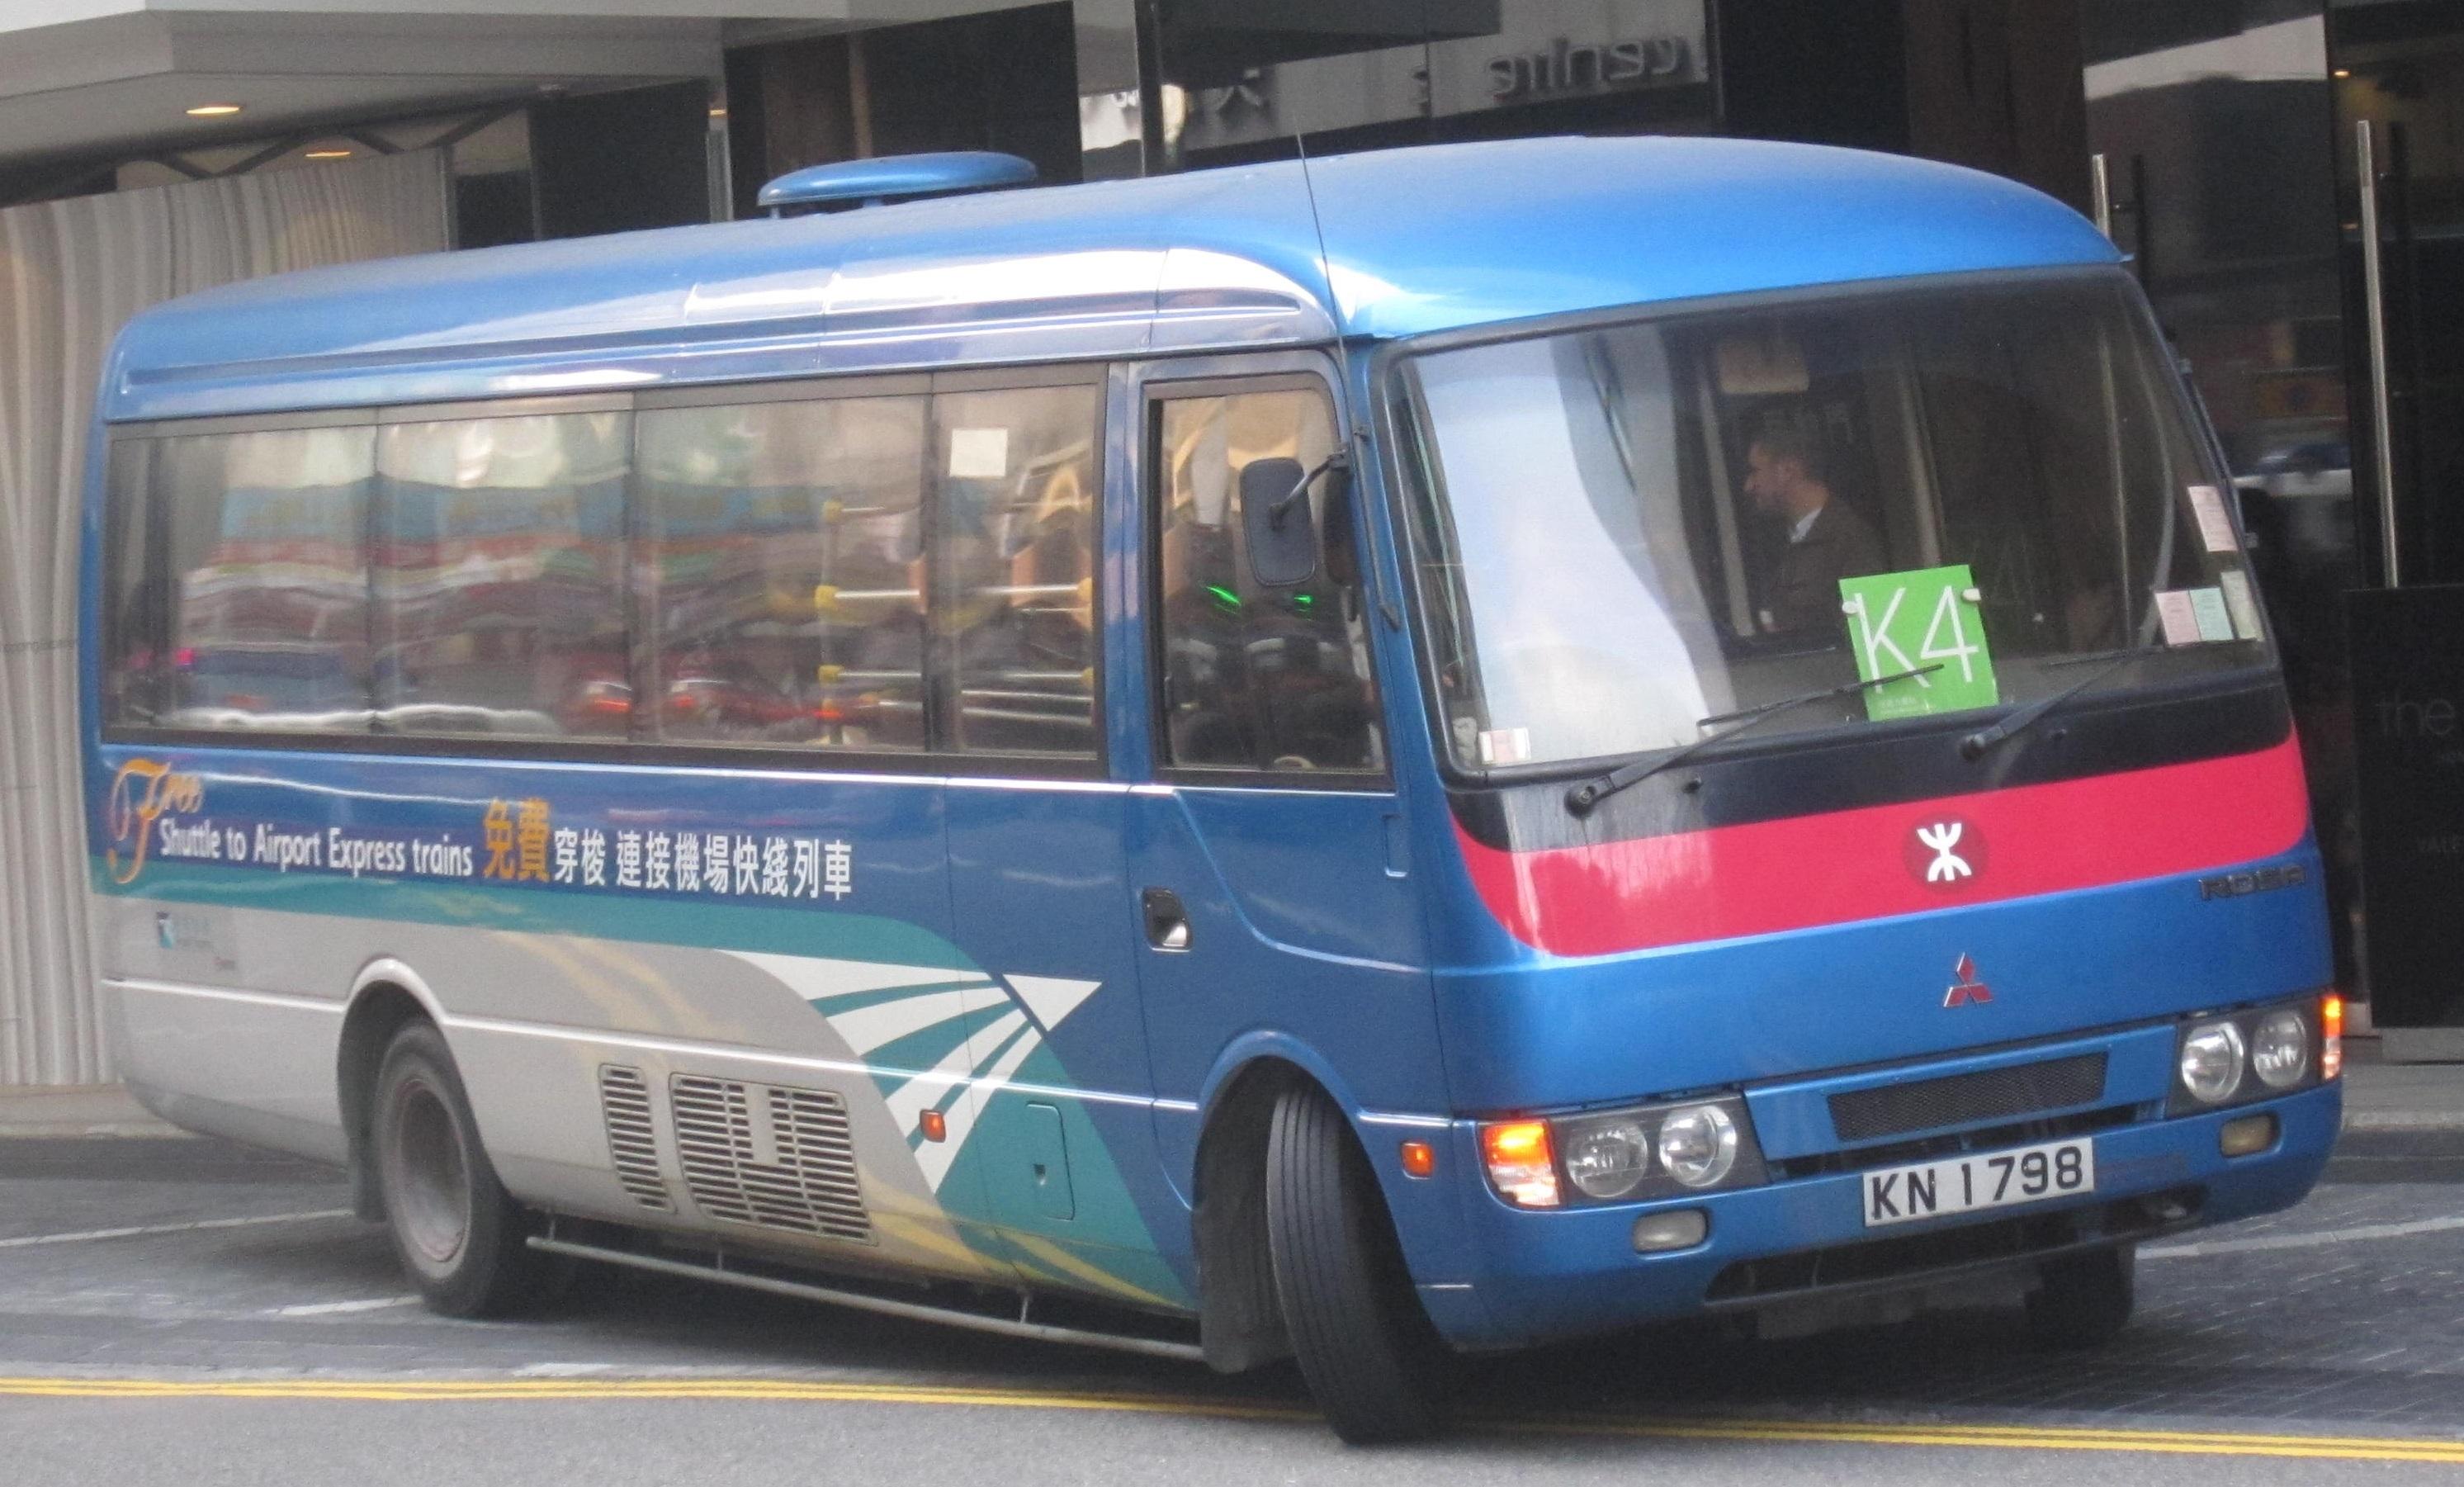 九龍駅、香港駅と主要ホテル間の無料シャトルバスはこのような青色です。ルートが複数あるので乗る前にチェック!シャトルバスは循環しているので往復ともに予約は不要です。